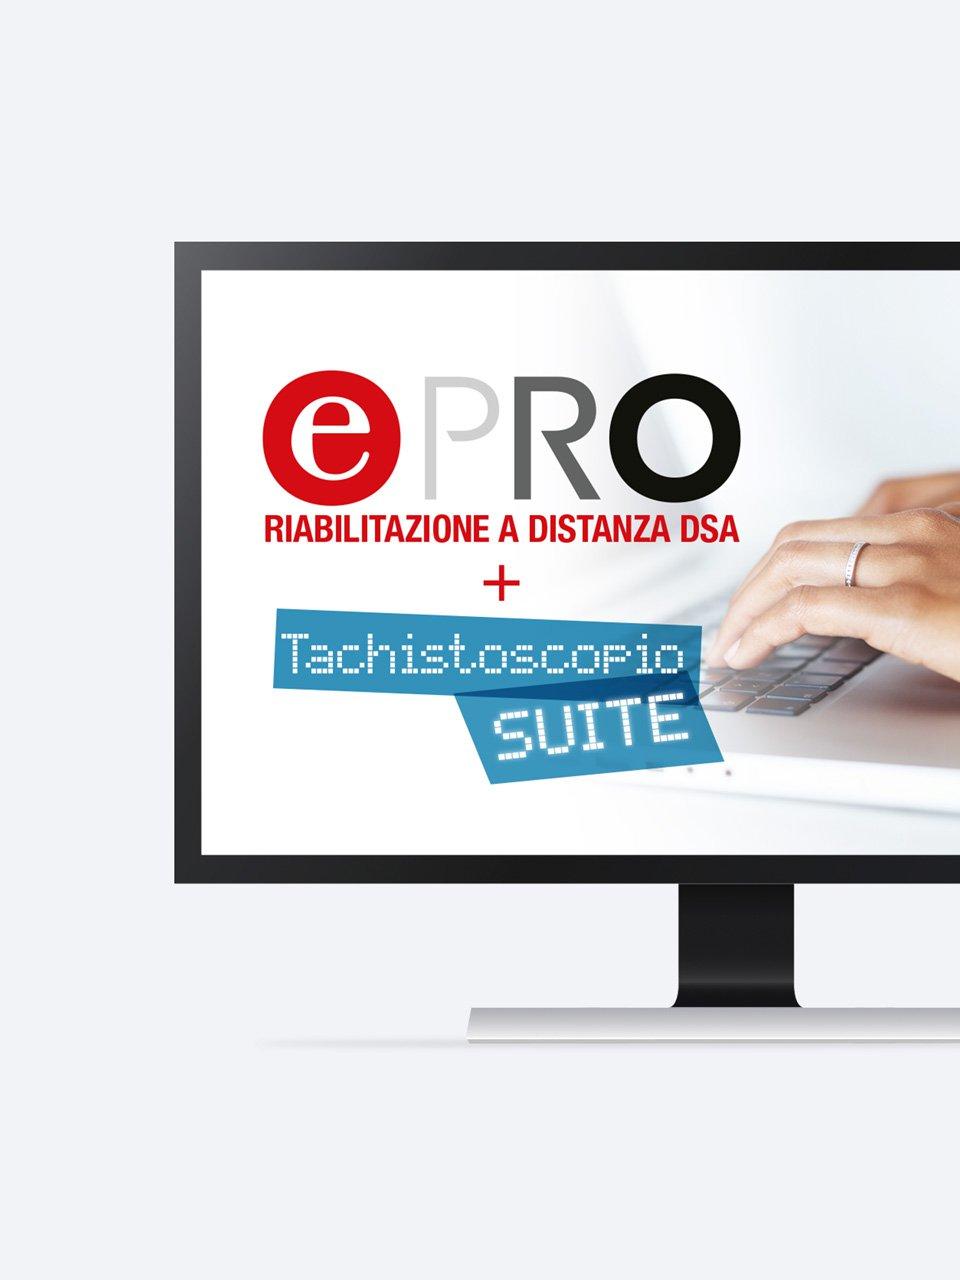 ePRO - App e software - Erickson 7